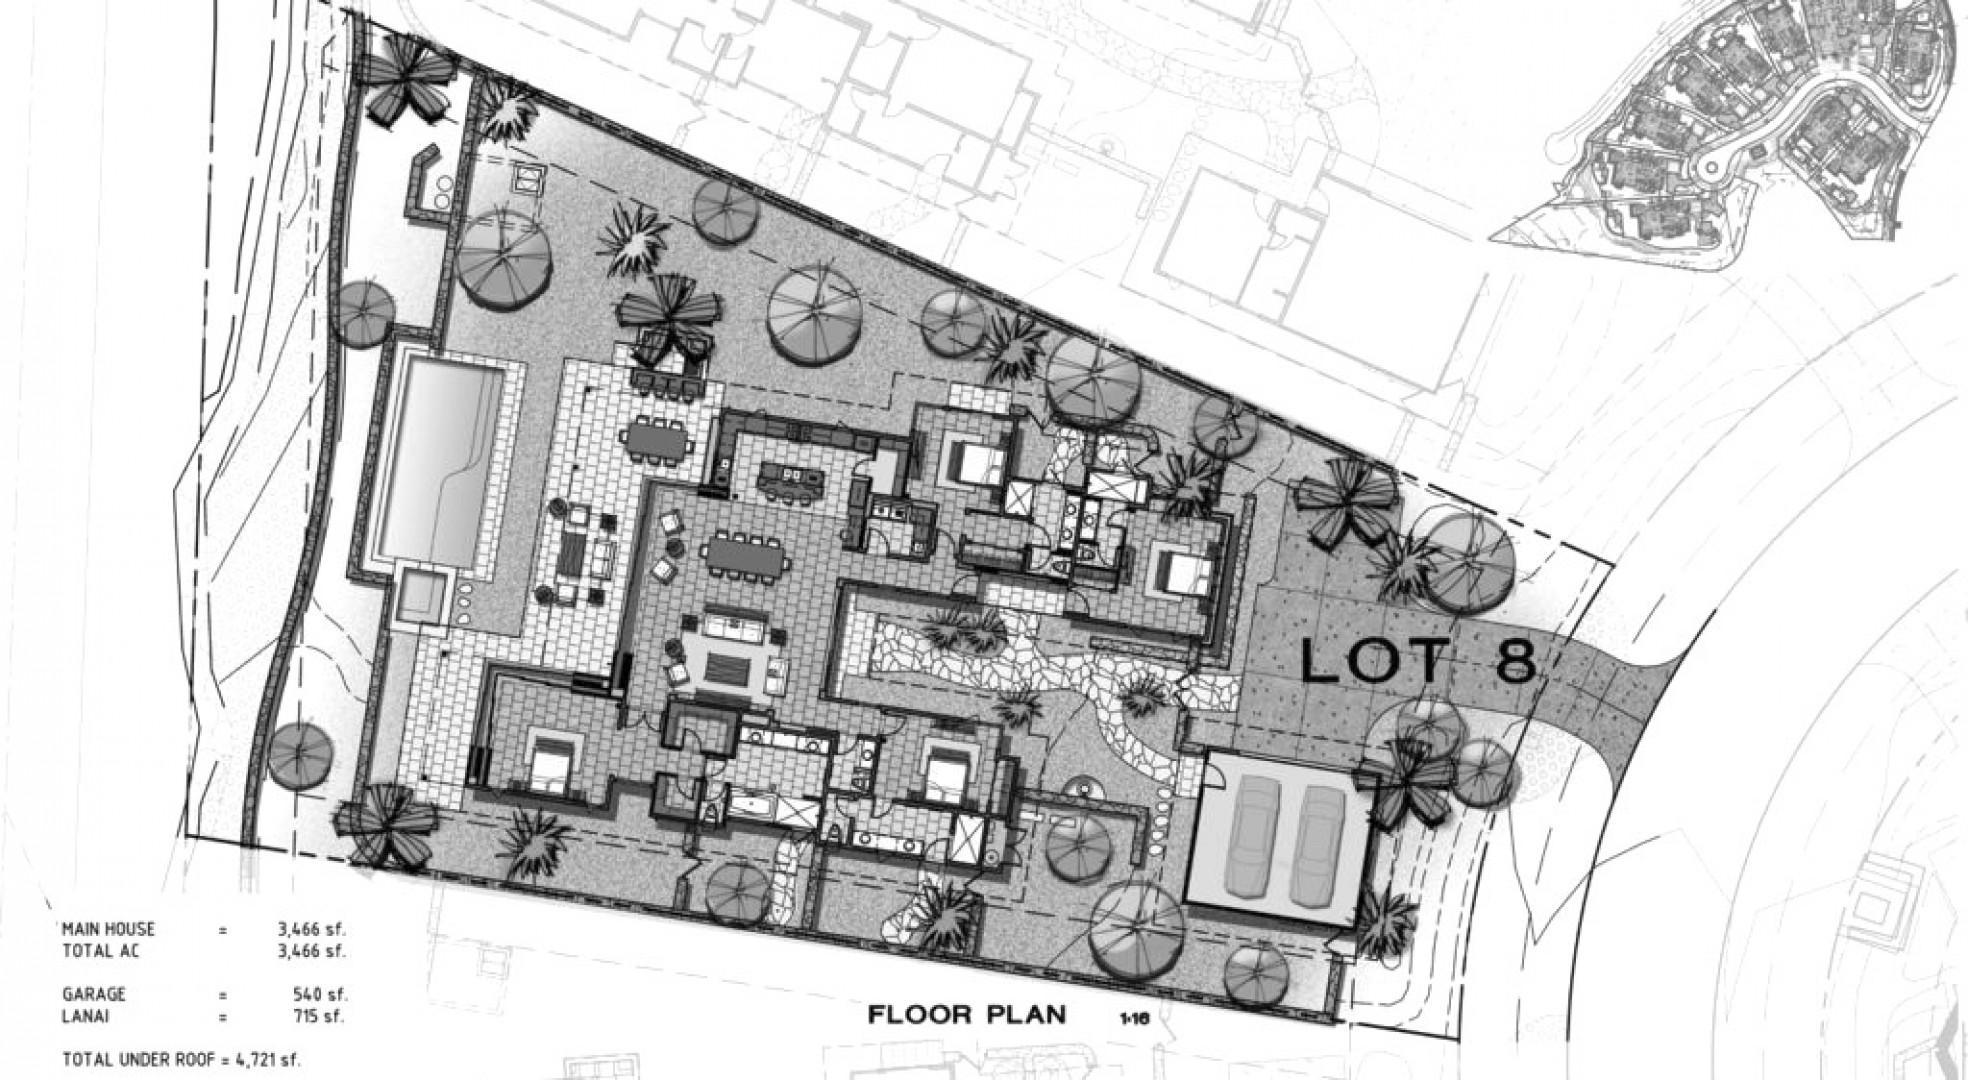 Floor plan of home